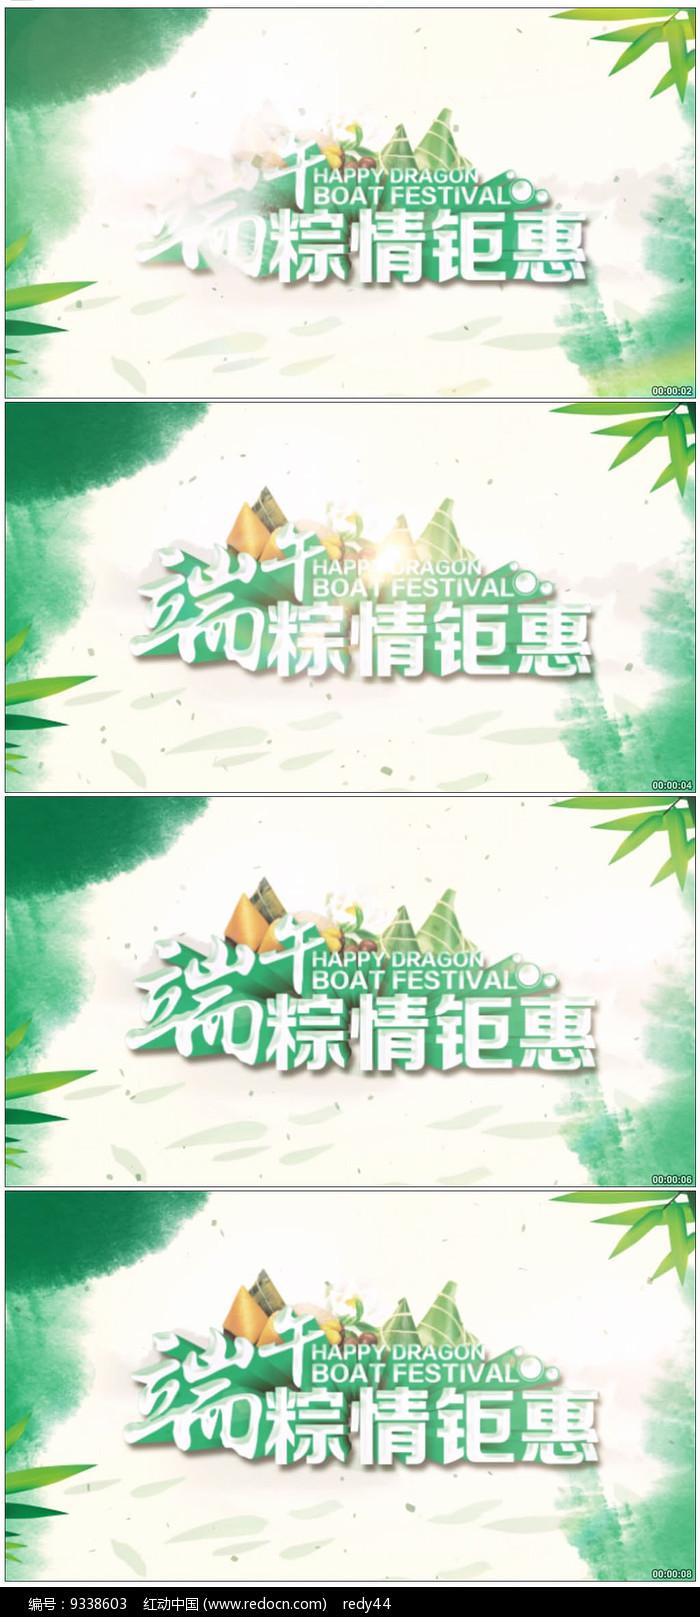 中国风端午节龙舟文化宣传片头图片